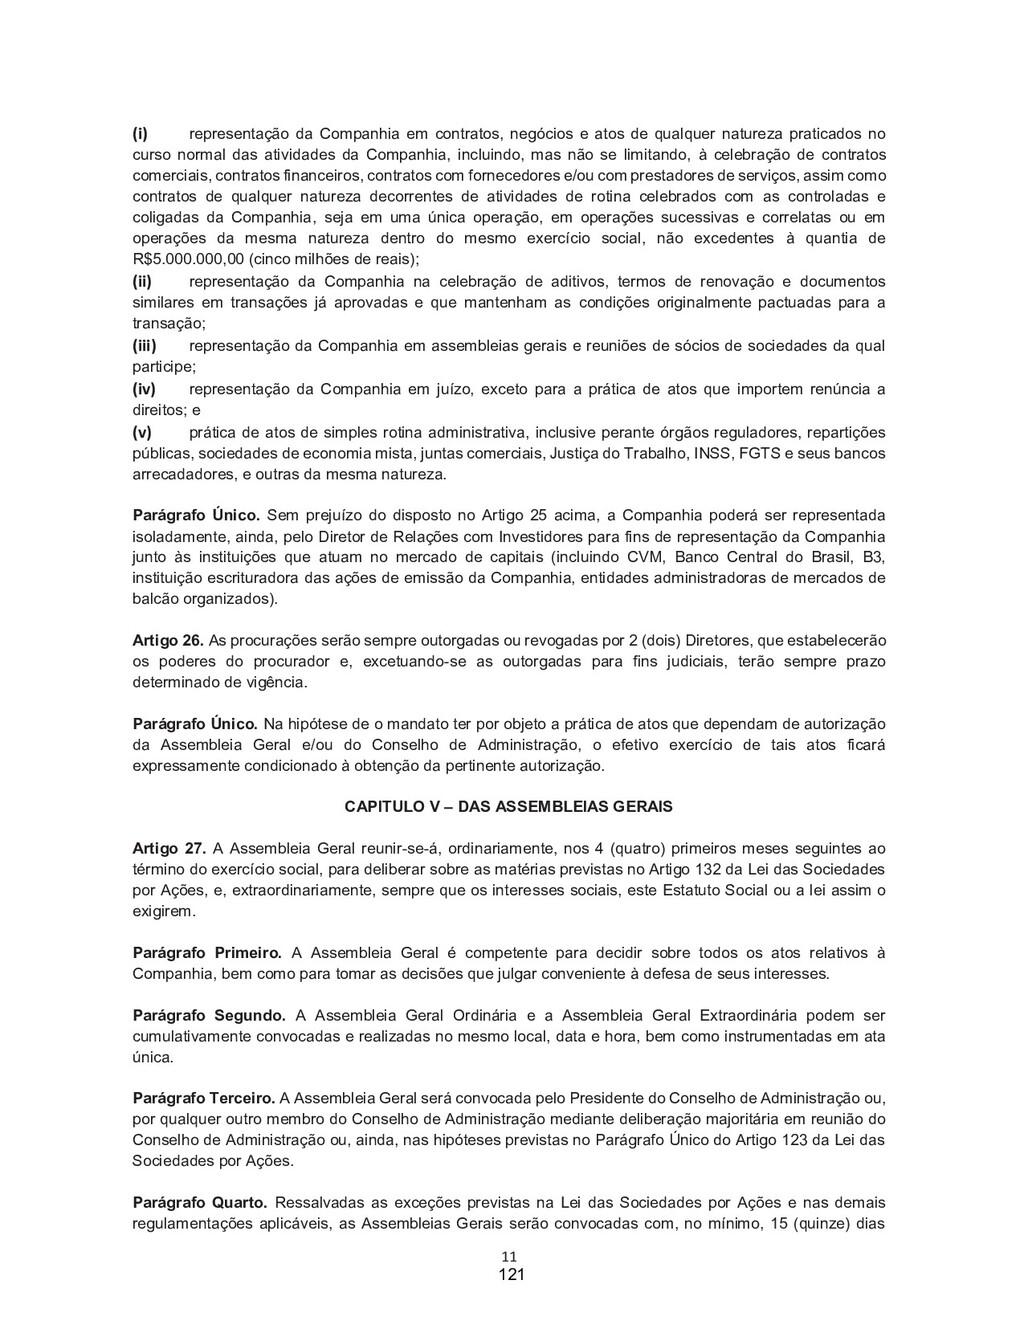 11 (i) representação da Companhia em contratos,...